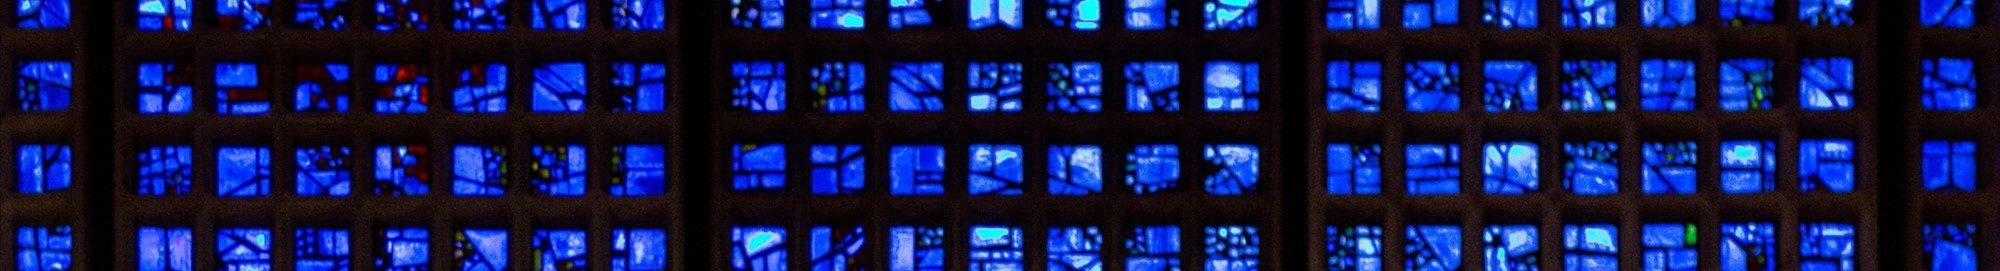 glass-geometric-church v5